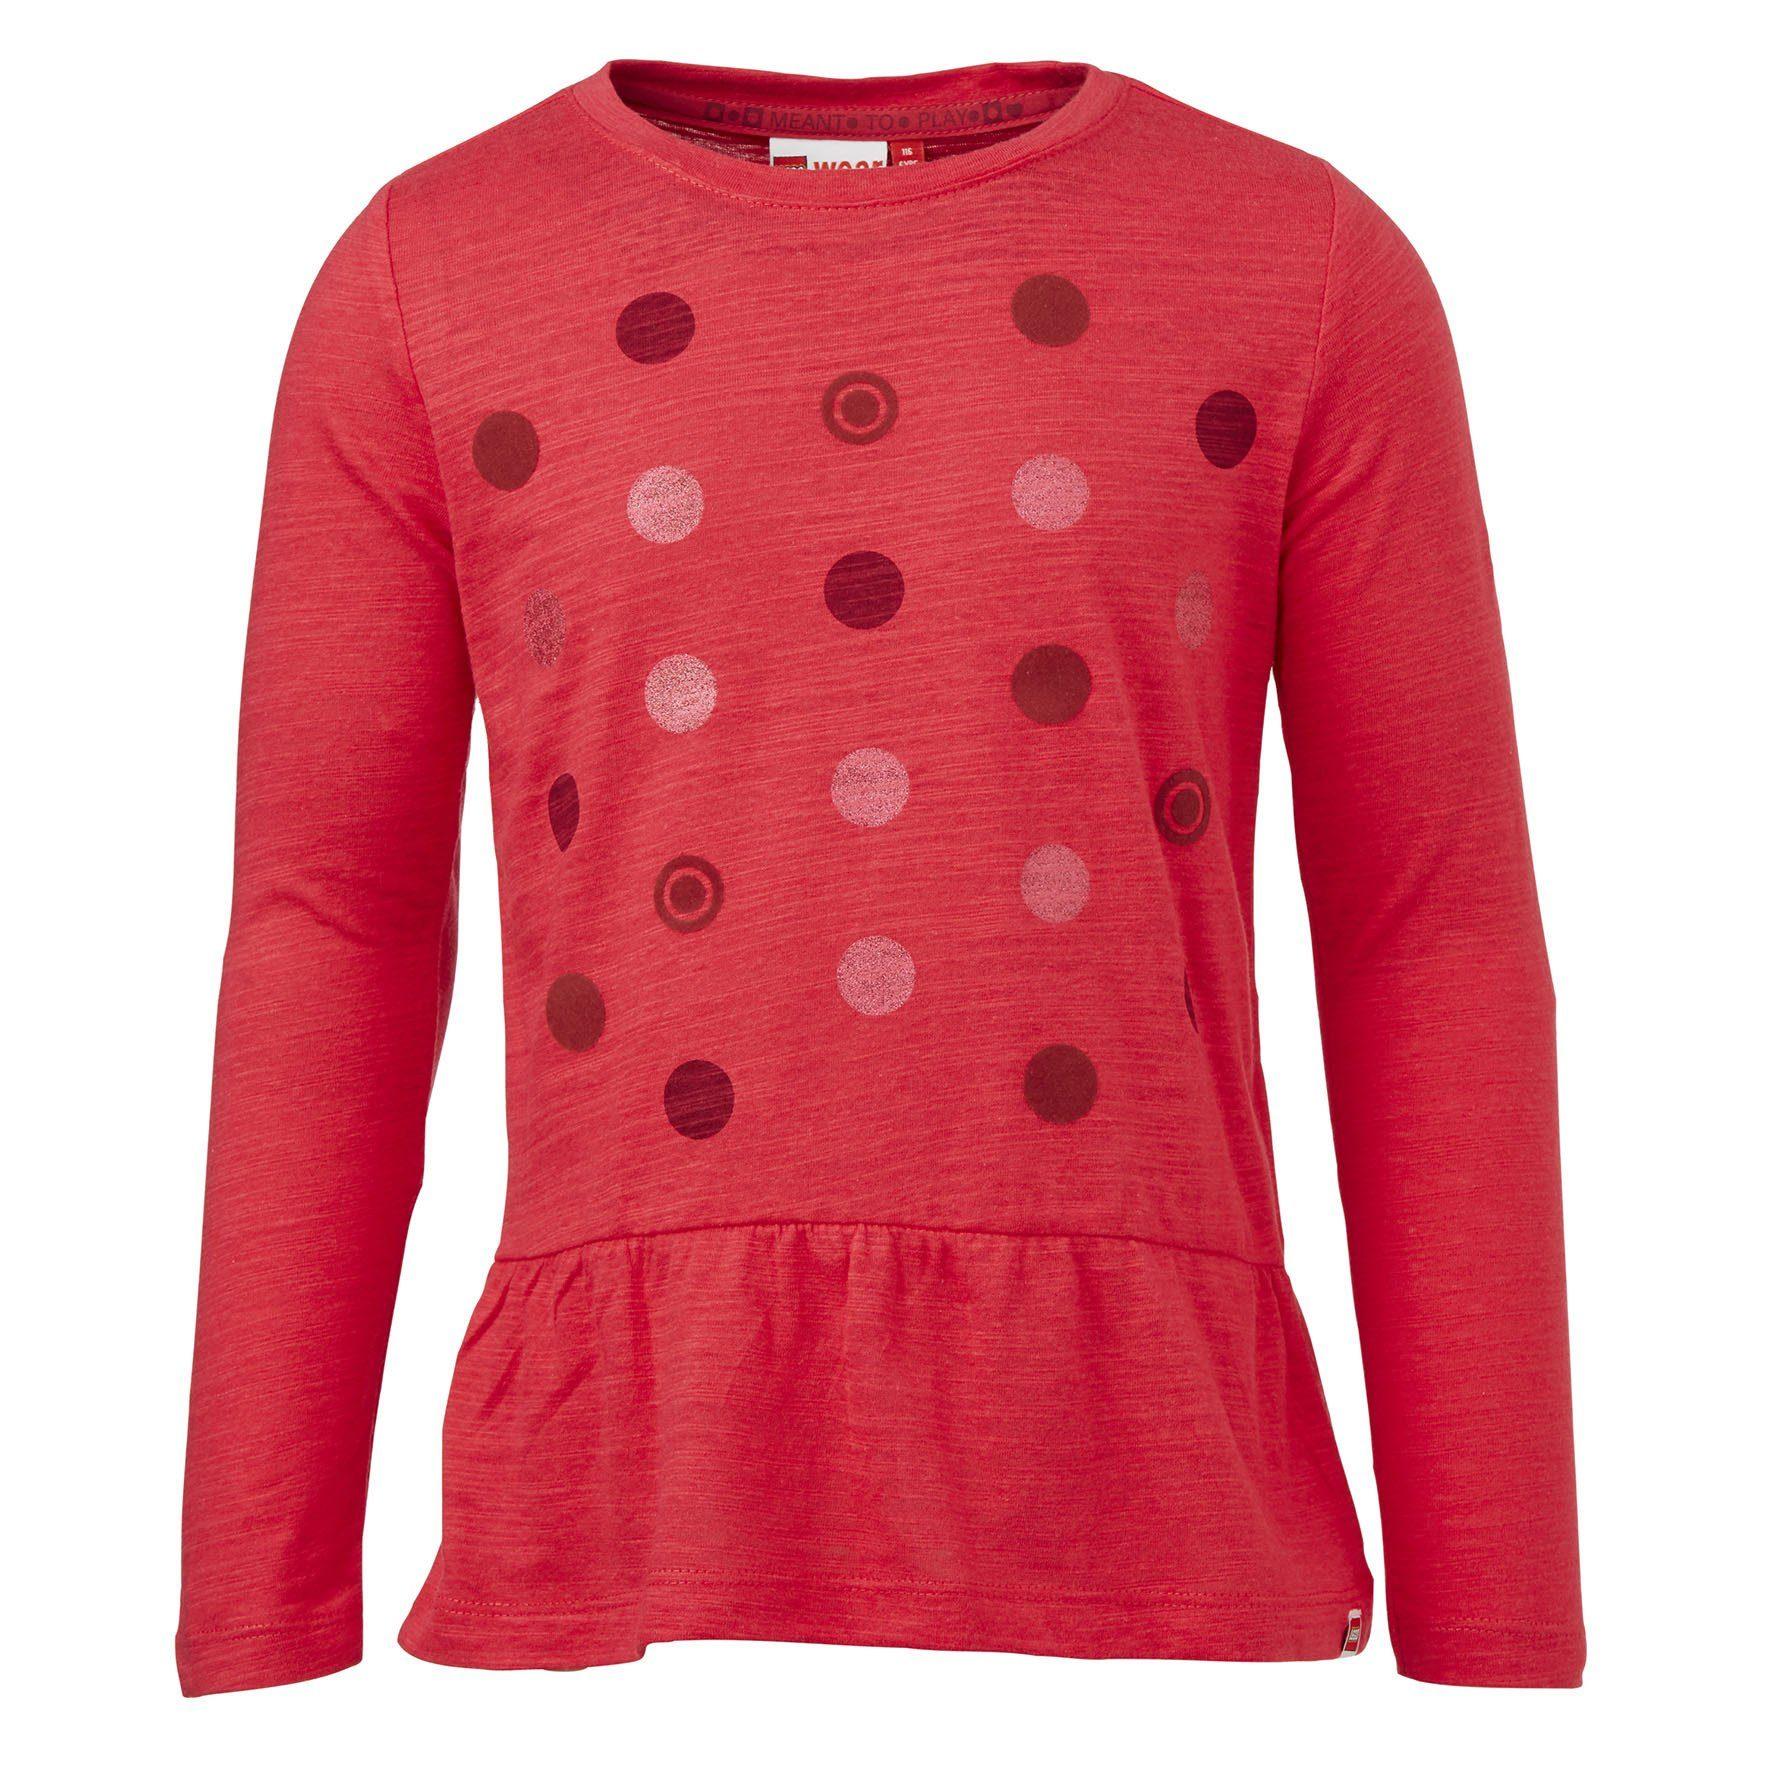 """LEGO Wear Brick?N Bricks Langarm-T-Shirt Tamara langarm """"Points"""" Shirt"""